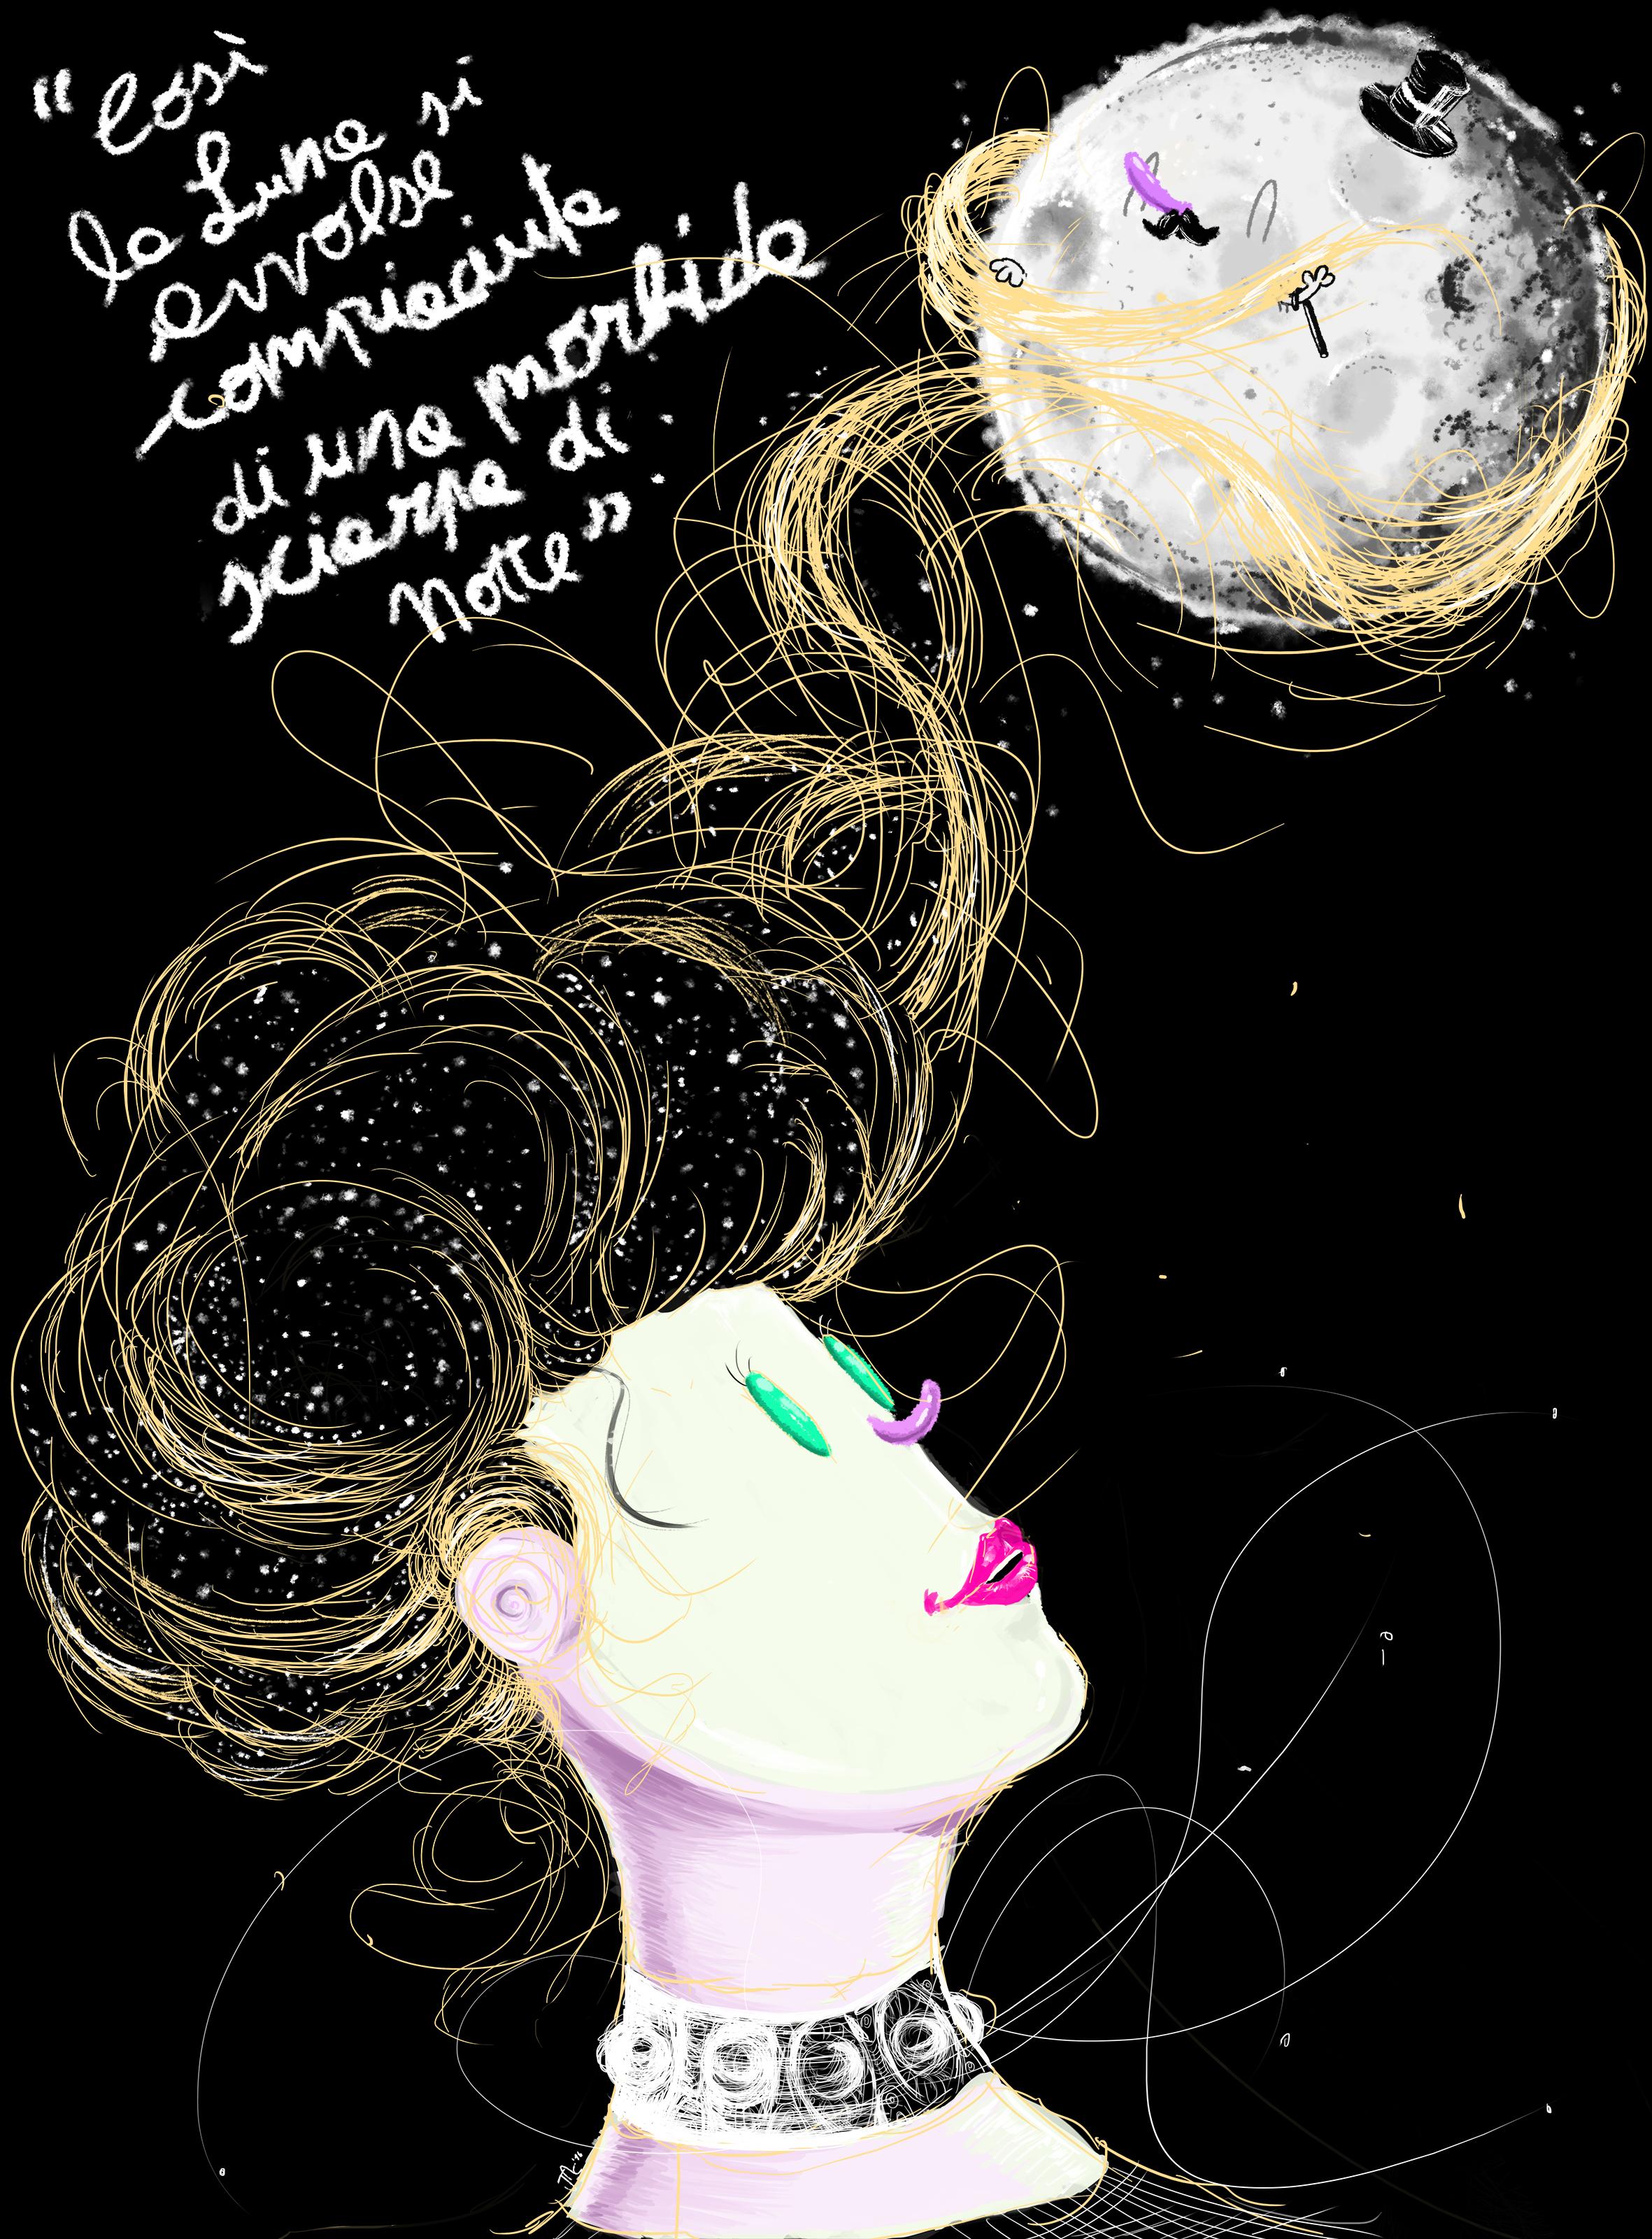 illustarzione-notte-bologna-ultra-vera-piccola